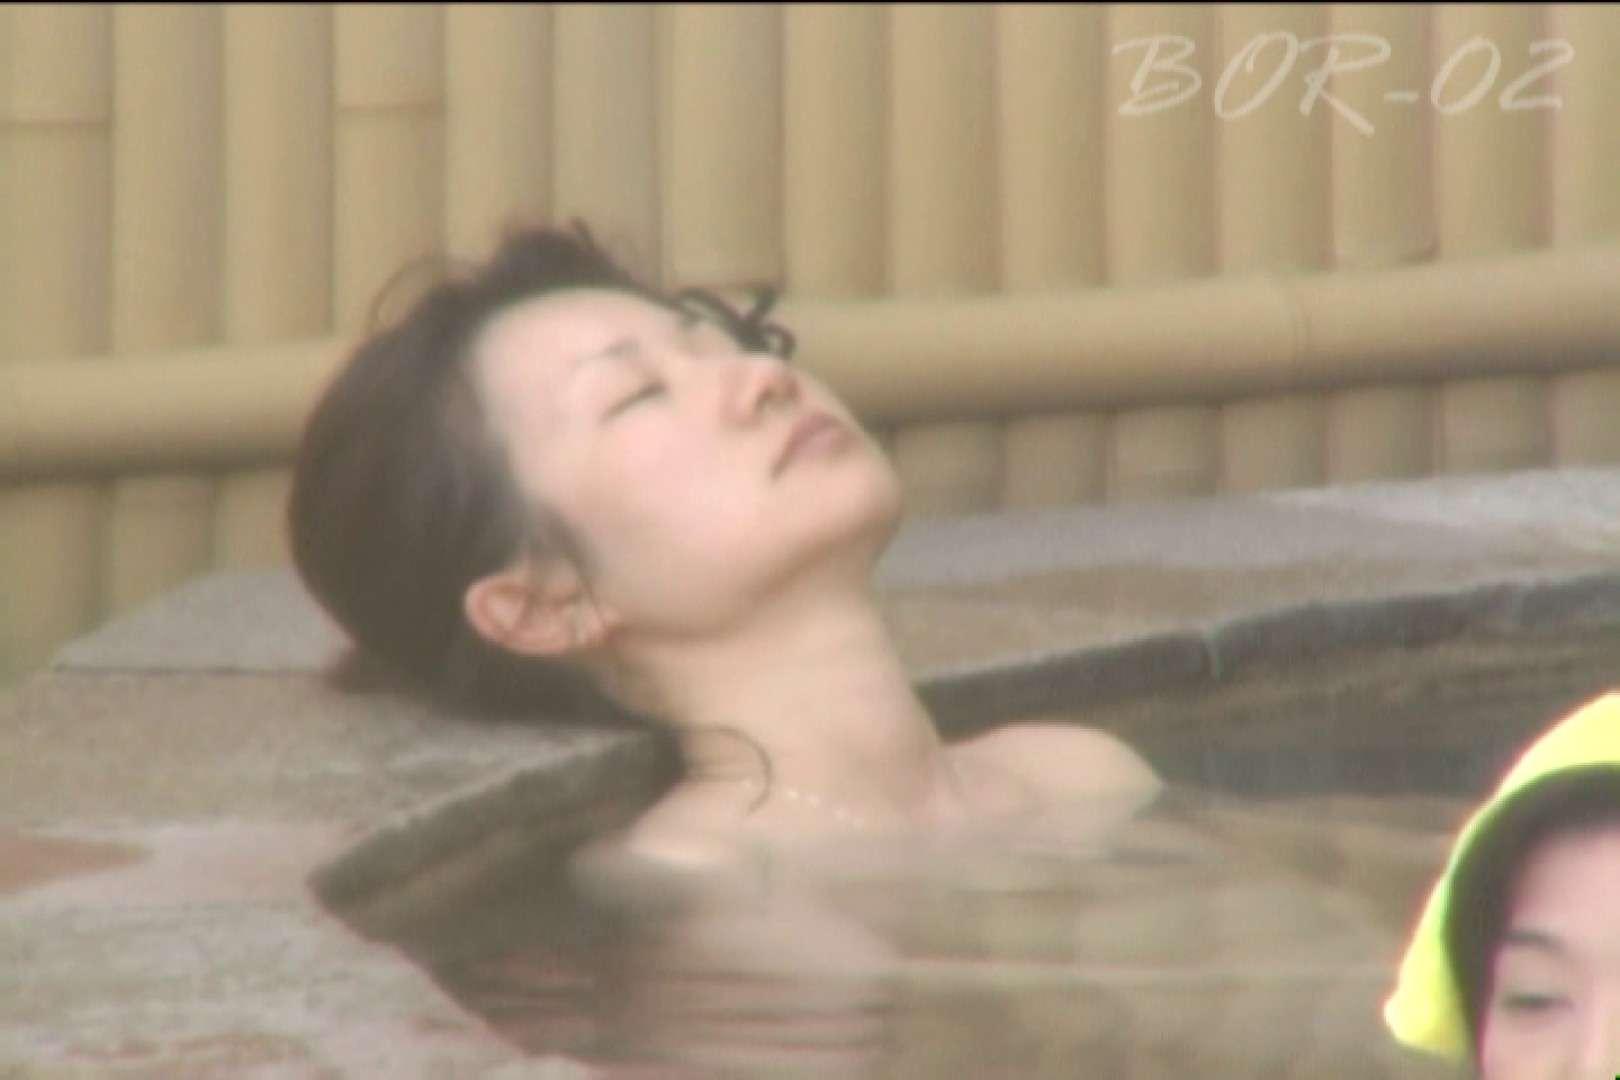 Aquaな露天風呂Vol.477 盗撮  99PICs 36